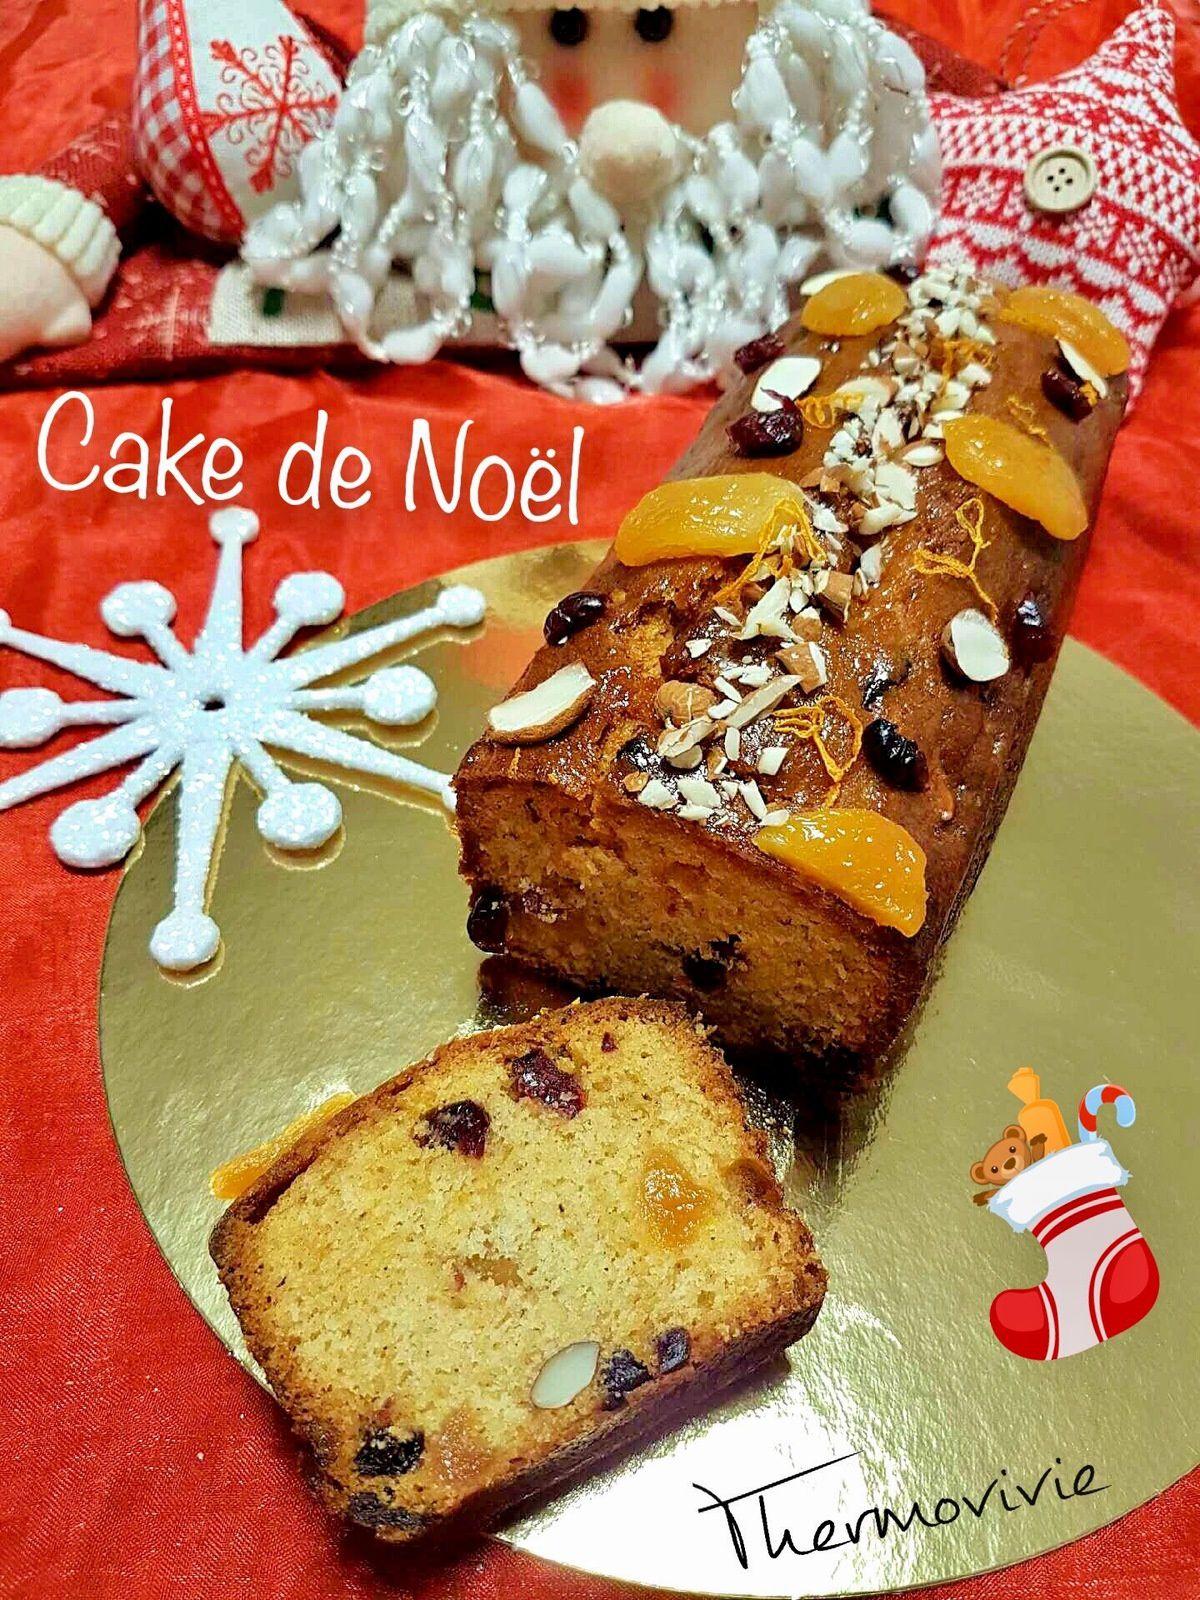 Cake de no l recette au thermomix thermovivie - Recette de noel au cookeo ...